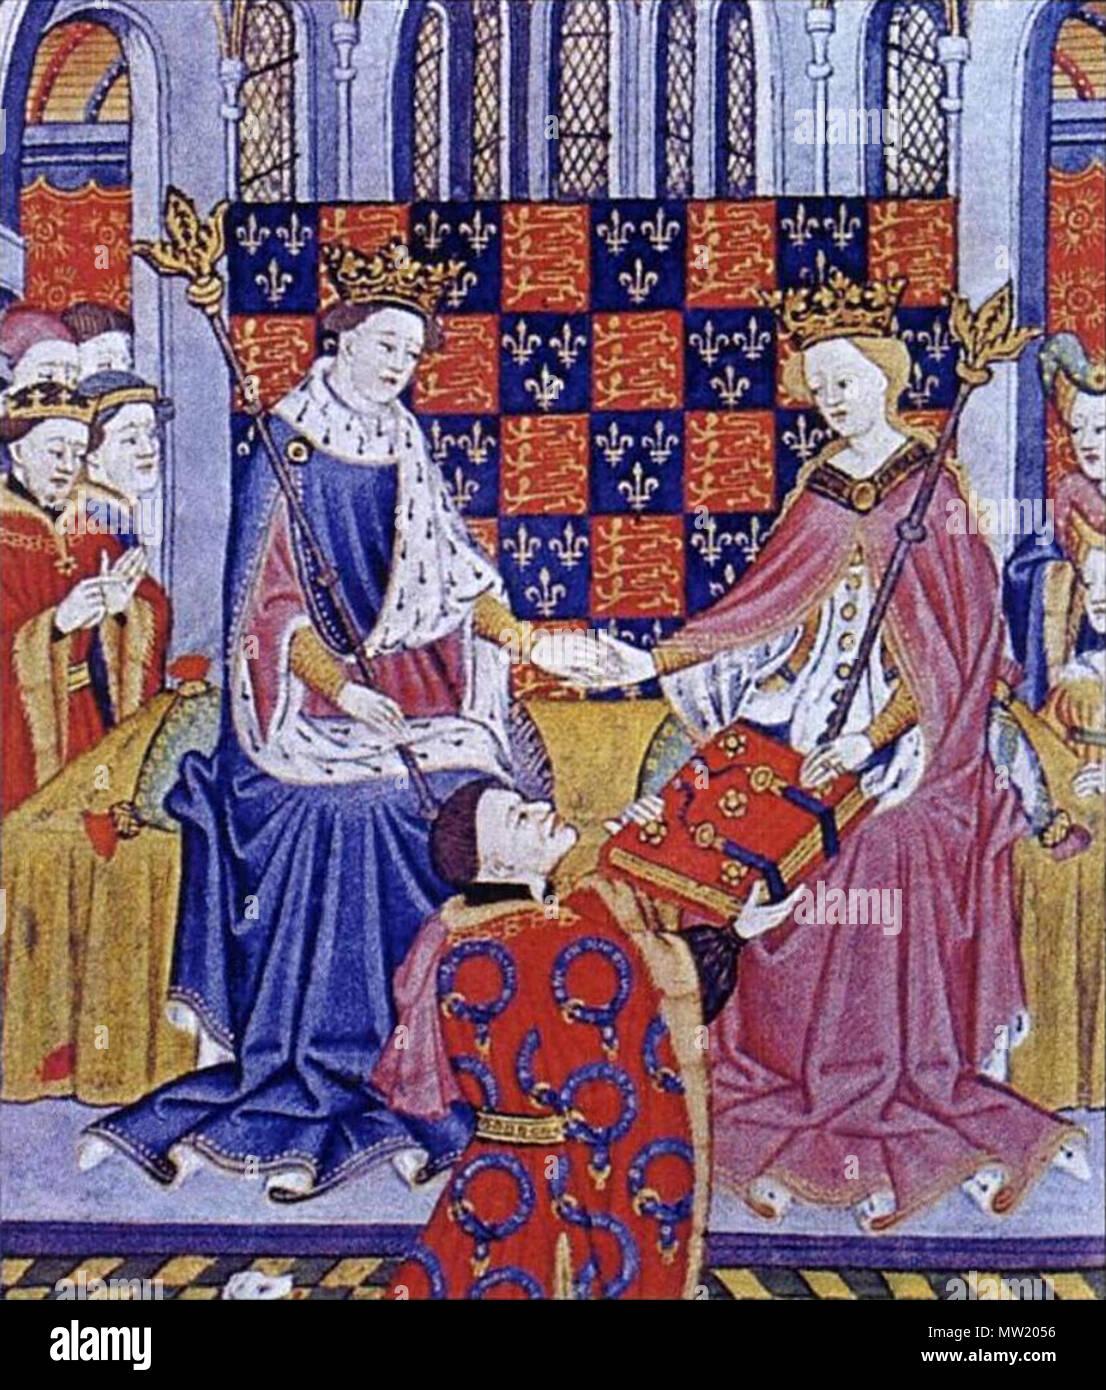 . Anglais: John Talbot, présente le livre de Romances (Shrewsbury) Livre de Marguerite d'Anjou, épouse du roi Henry VI . circa 1445. Maître Talbot (fl. à Rouen, ch. 1430-60) 500 Présentation du livre de romances Photo Stock